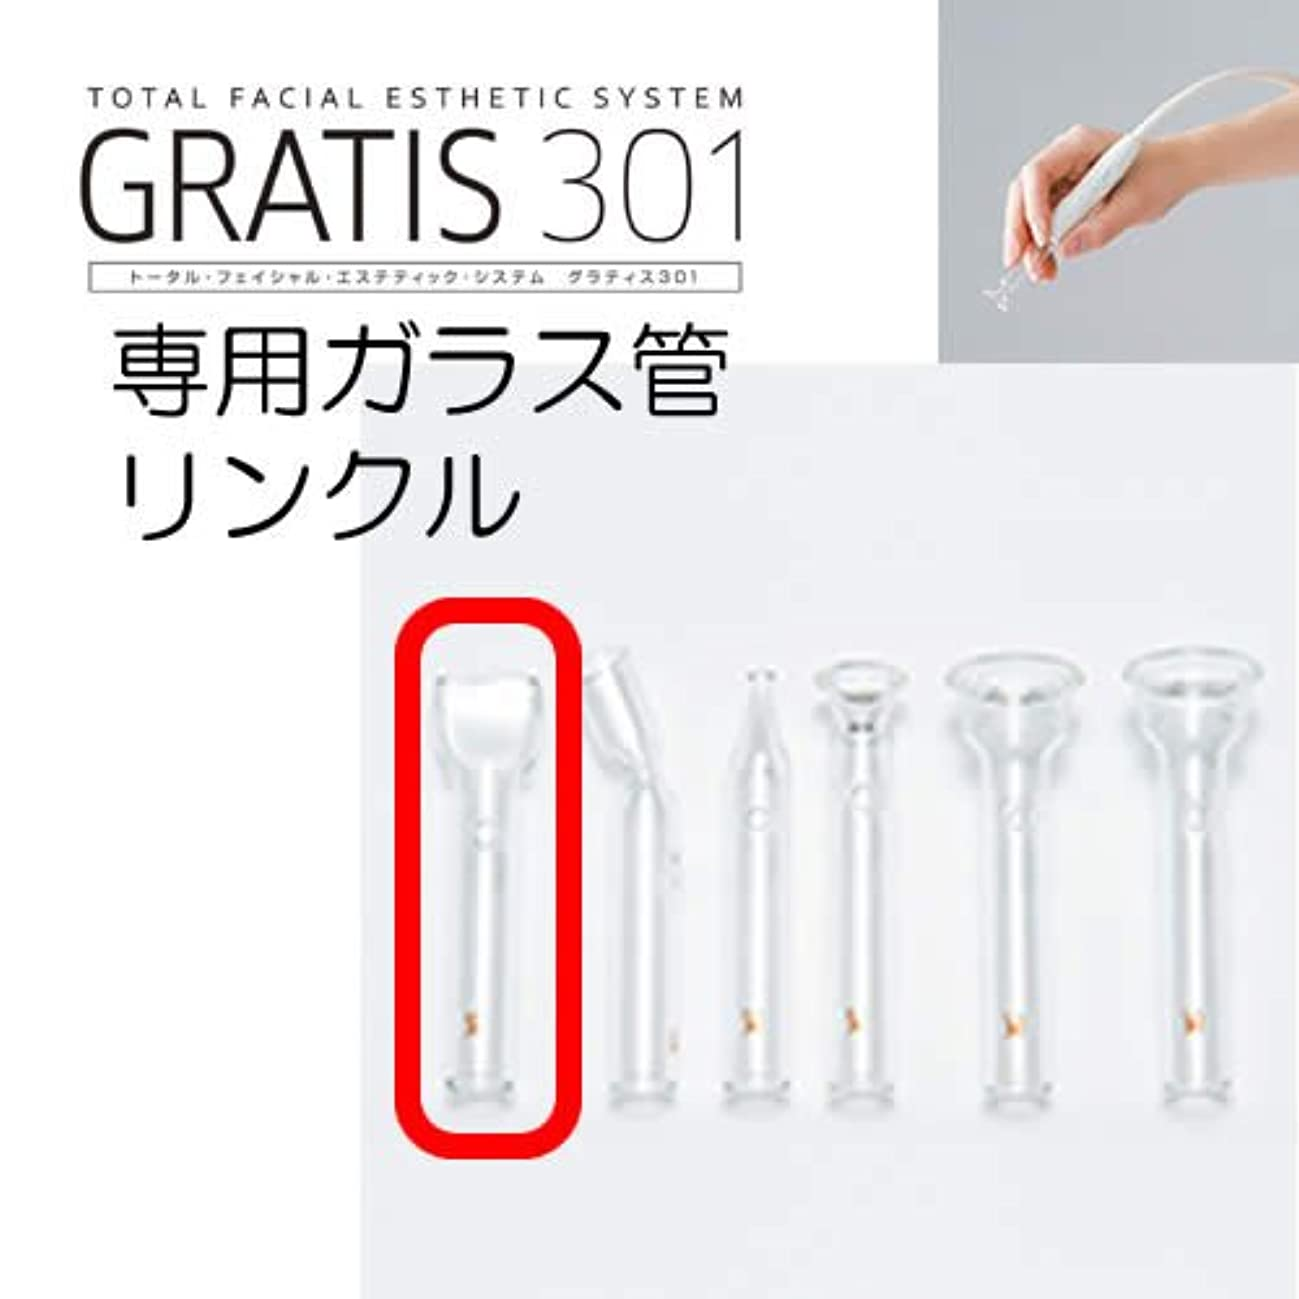 鉱夫敷居嫉妬GRATIS 301(グラティス301)専用ガラス管 リンクル(2本セット)